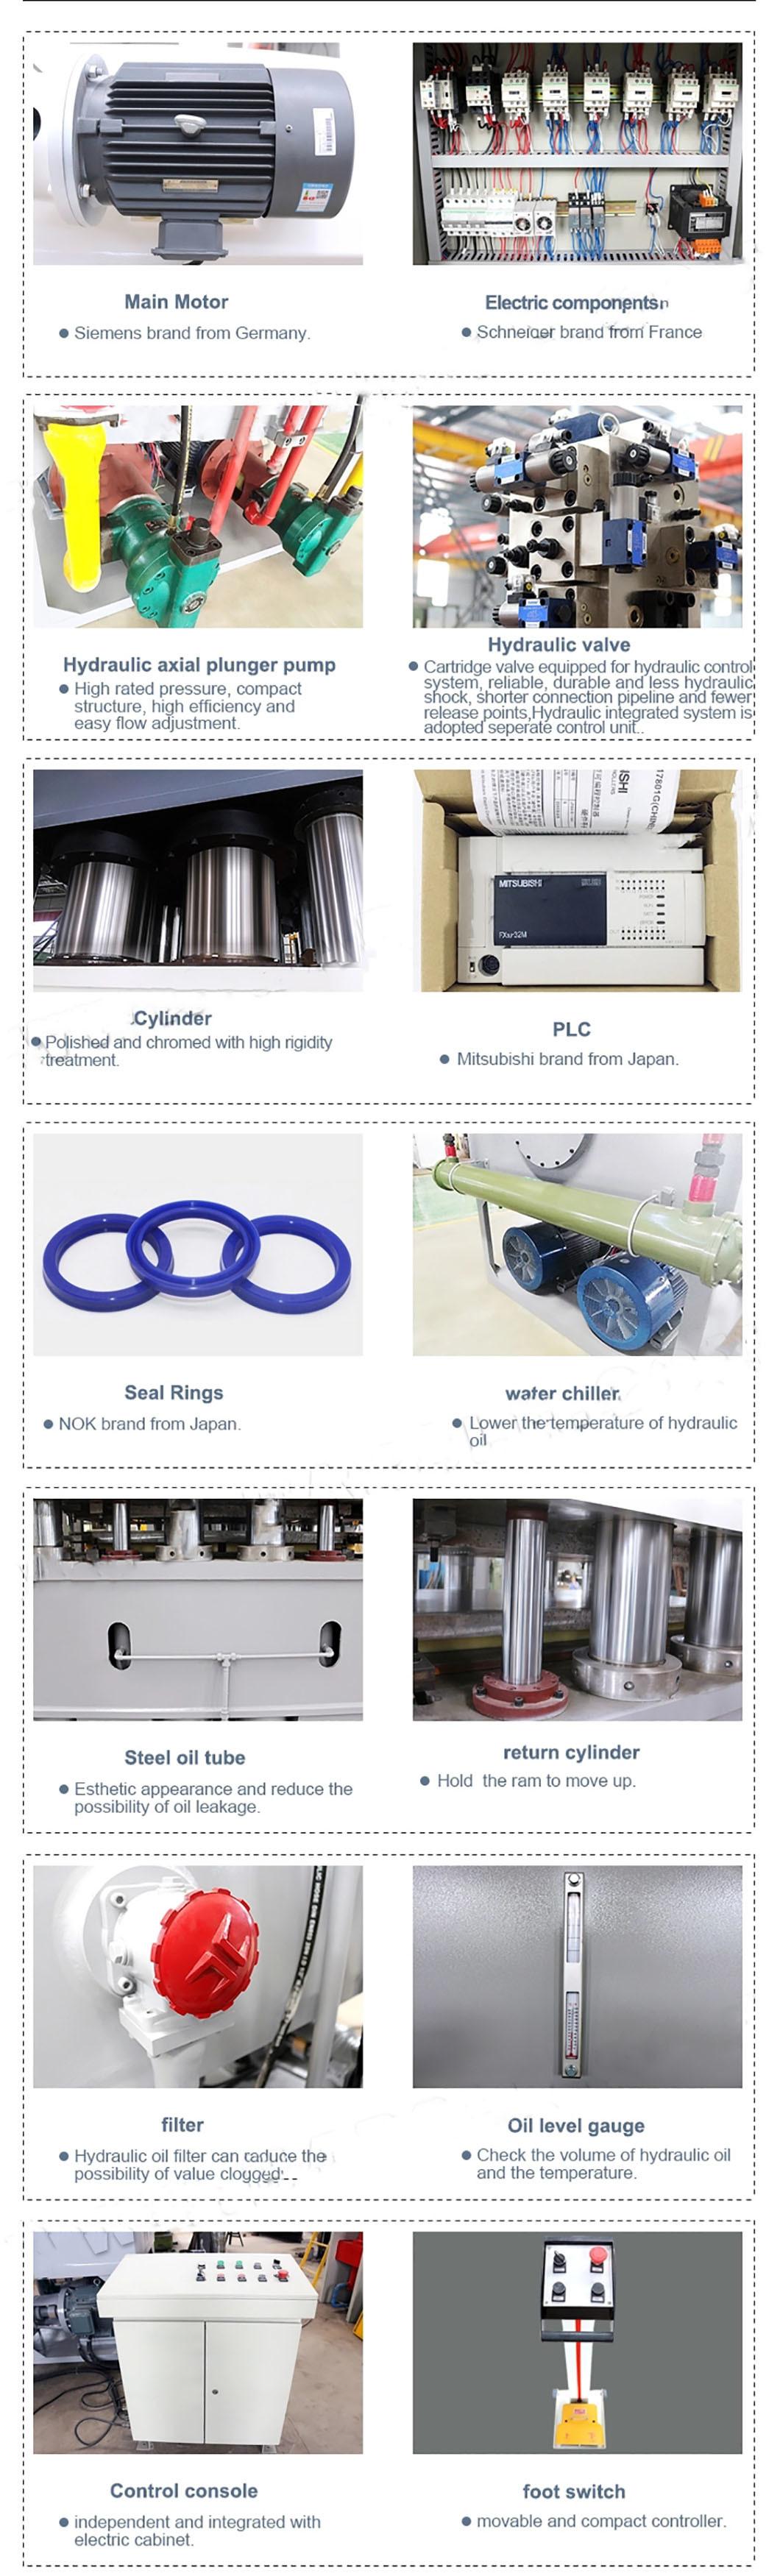 hydraulic_press_details